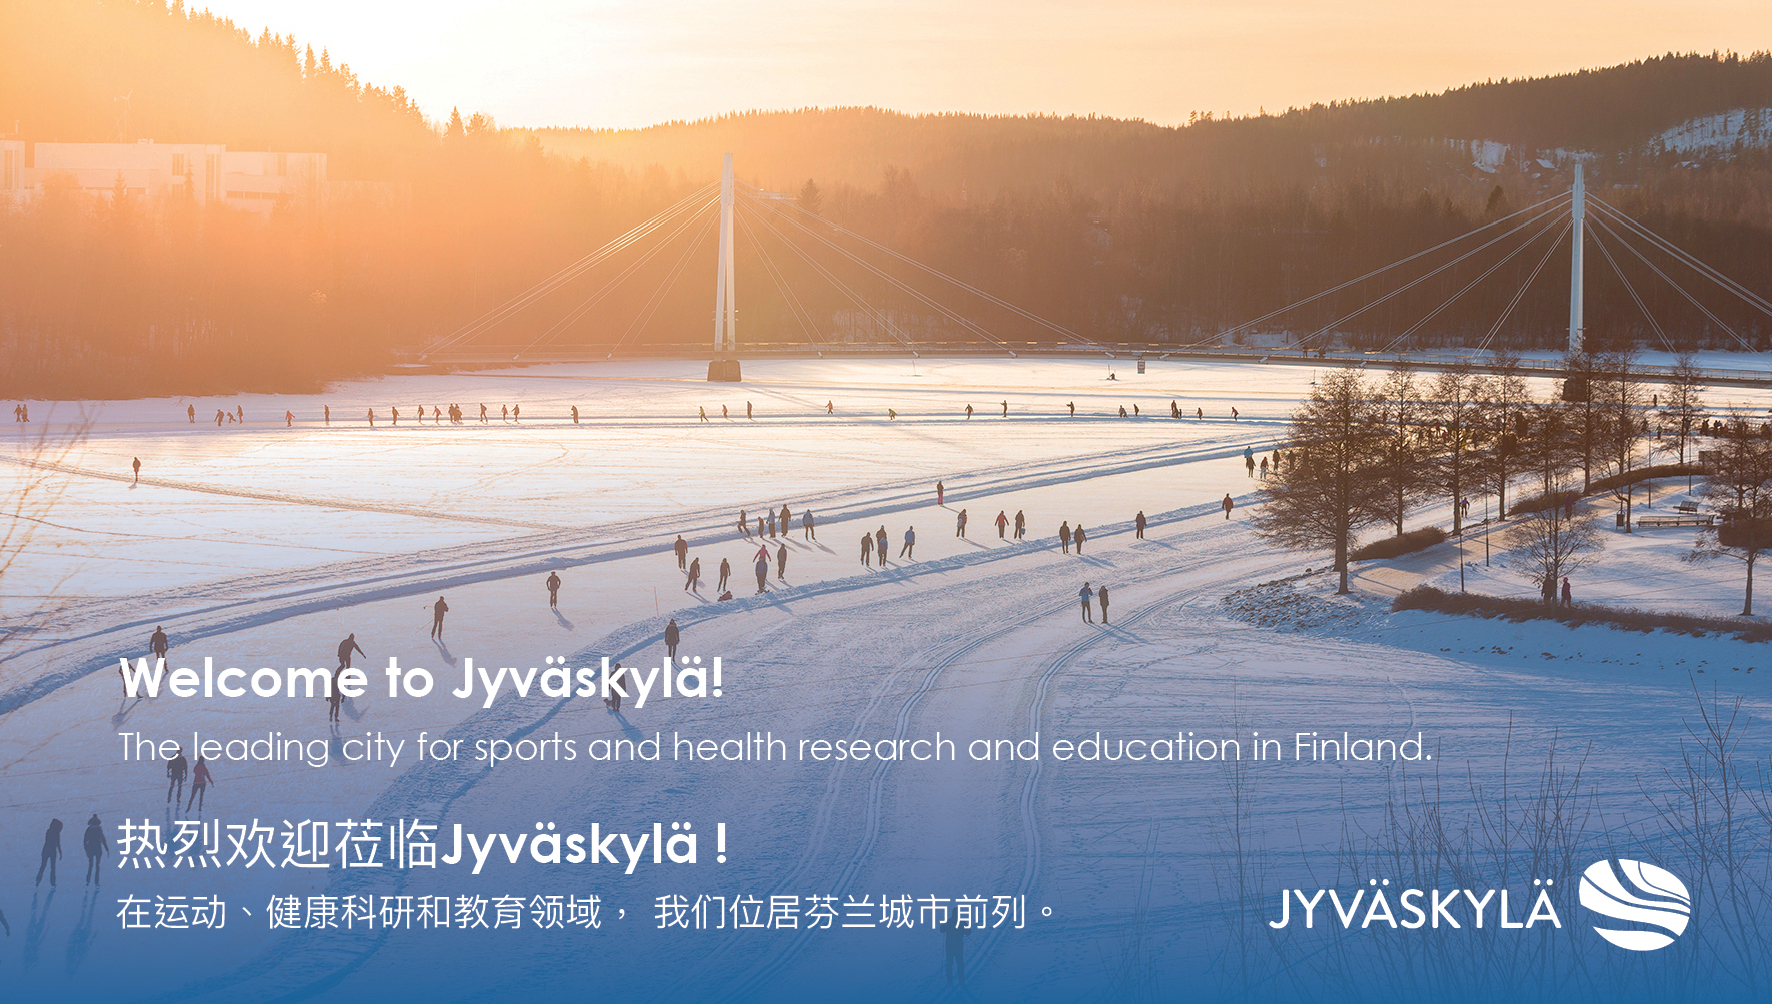 Suomen johtava liikunta- ja terveysalan tutkimuksen ja koulutuksen kaupunki Jyväskylä esillä Pekingin talviurheilumessuilla